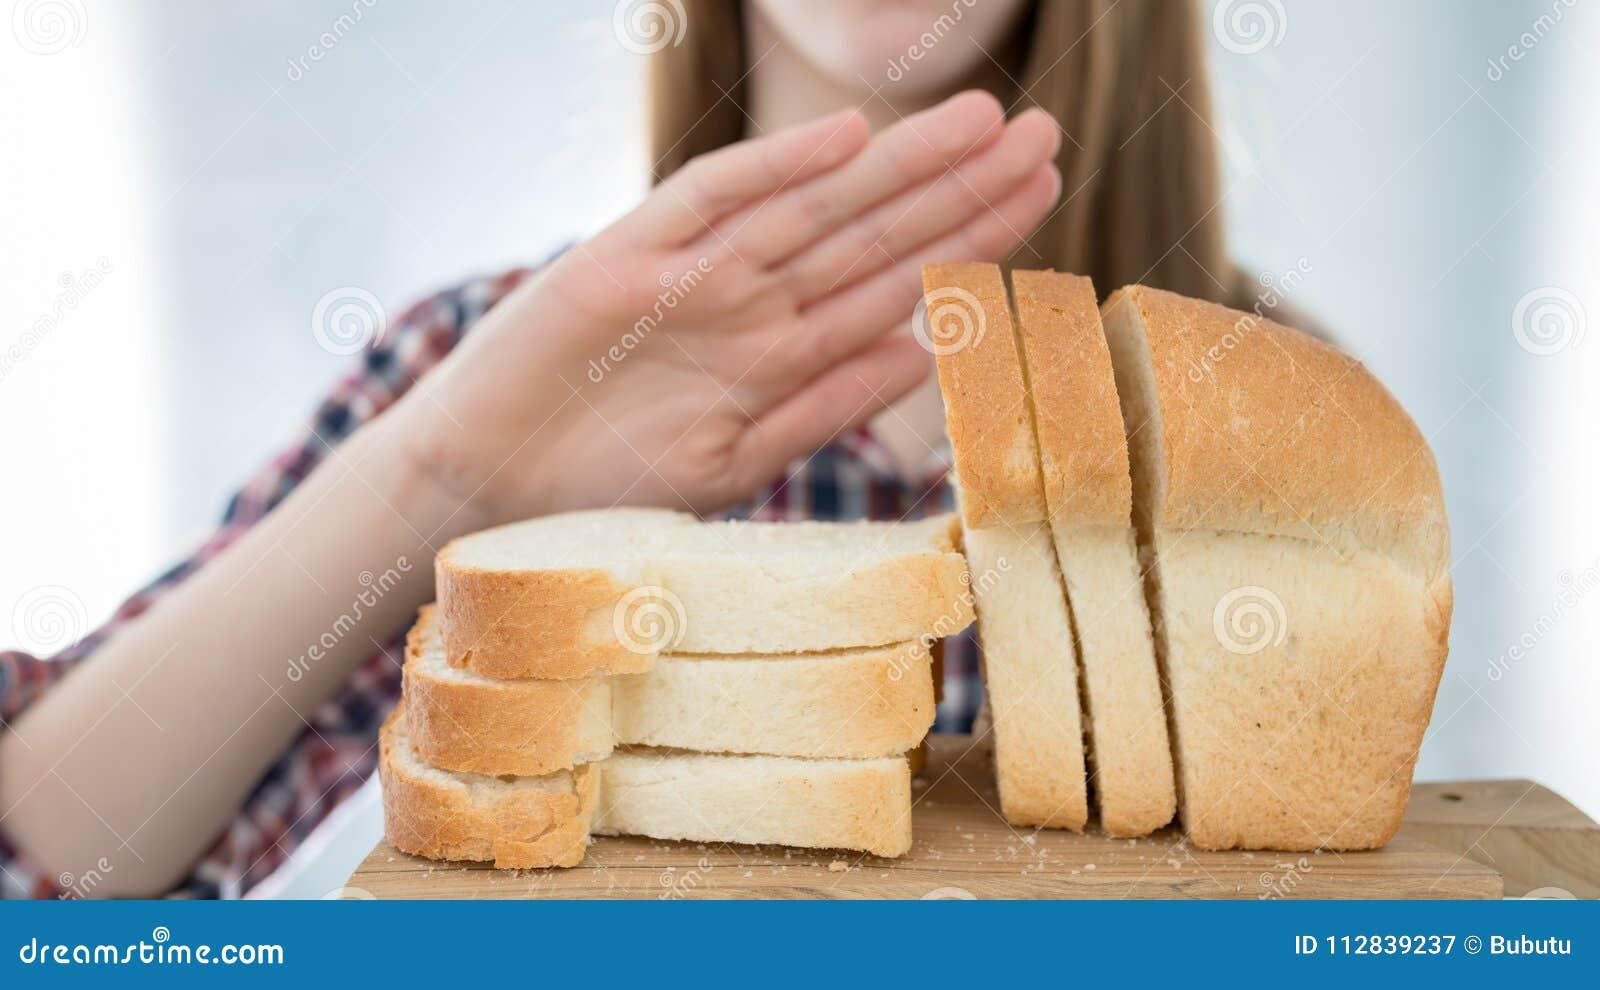 Glutenintoleranzkonzept Junges Mädchen lehnt ab, weißes brea zu essen